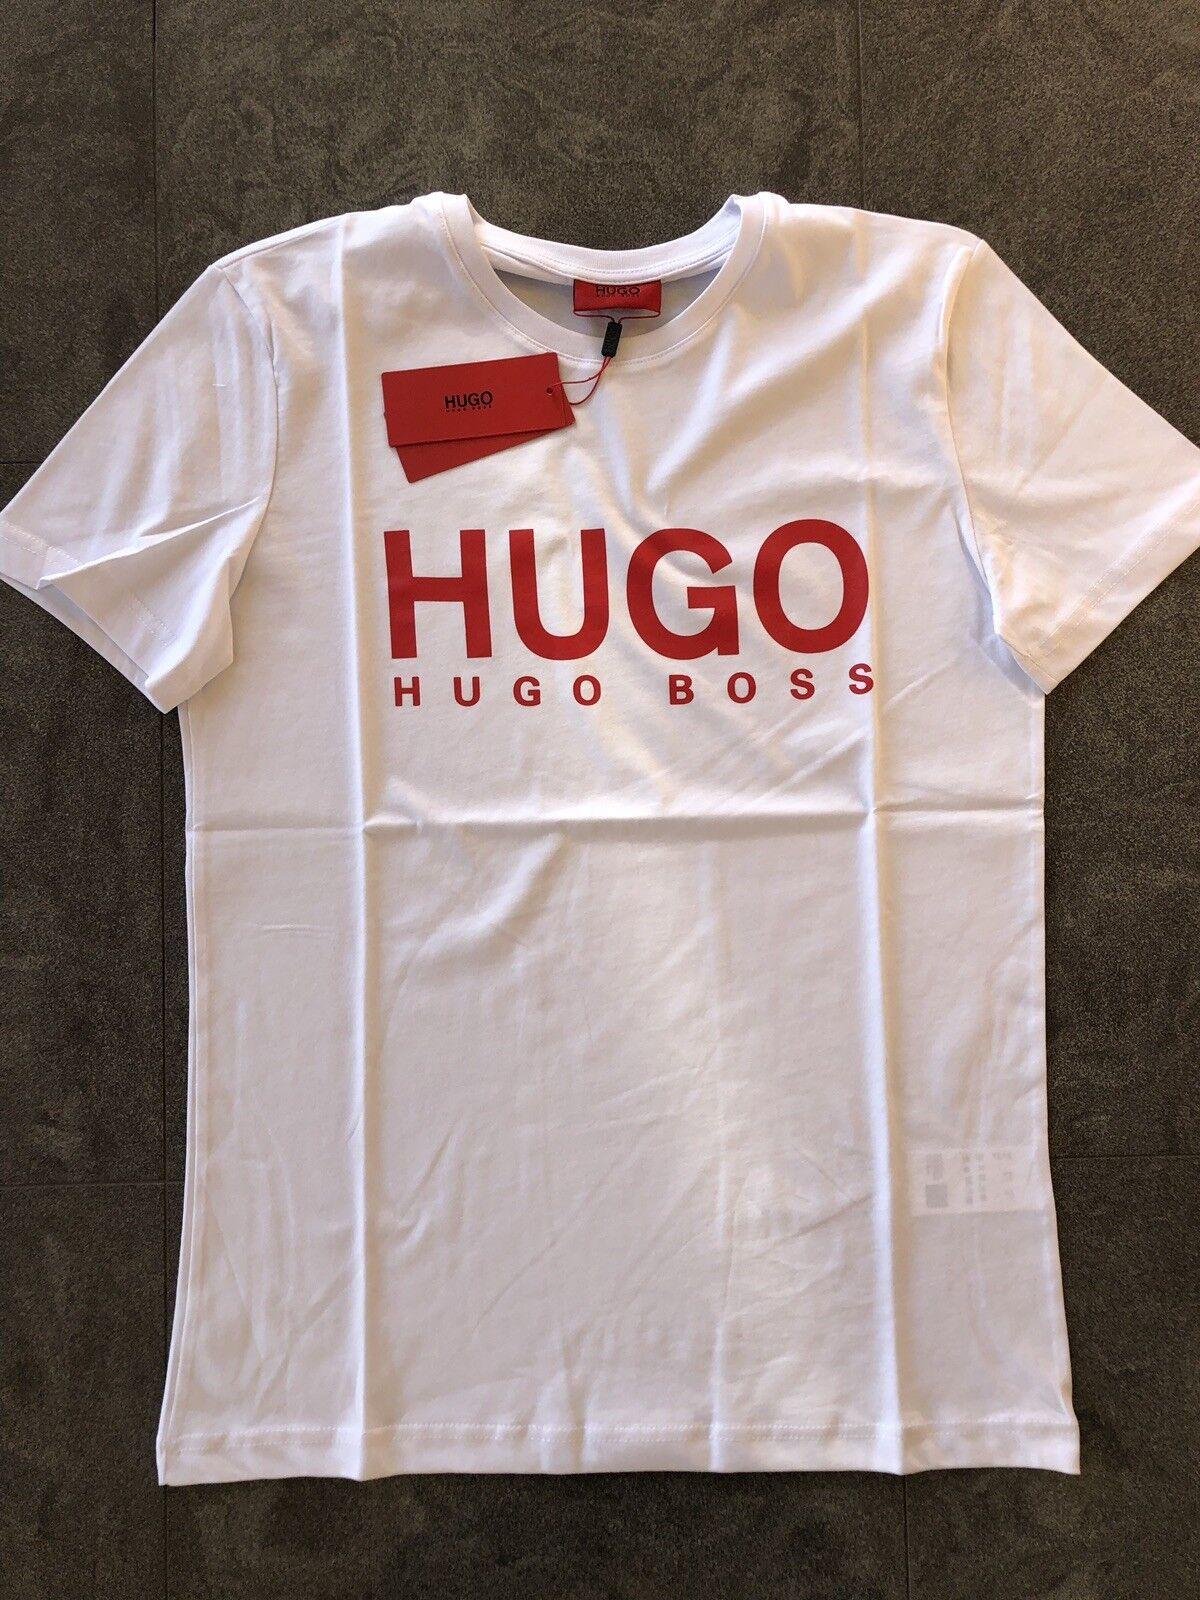 Hugo Boss  Modern  T-shirt  Size  M color White